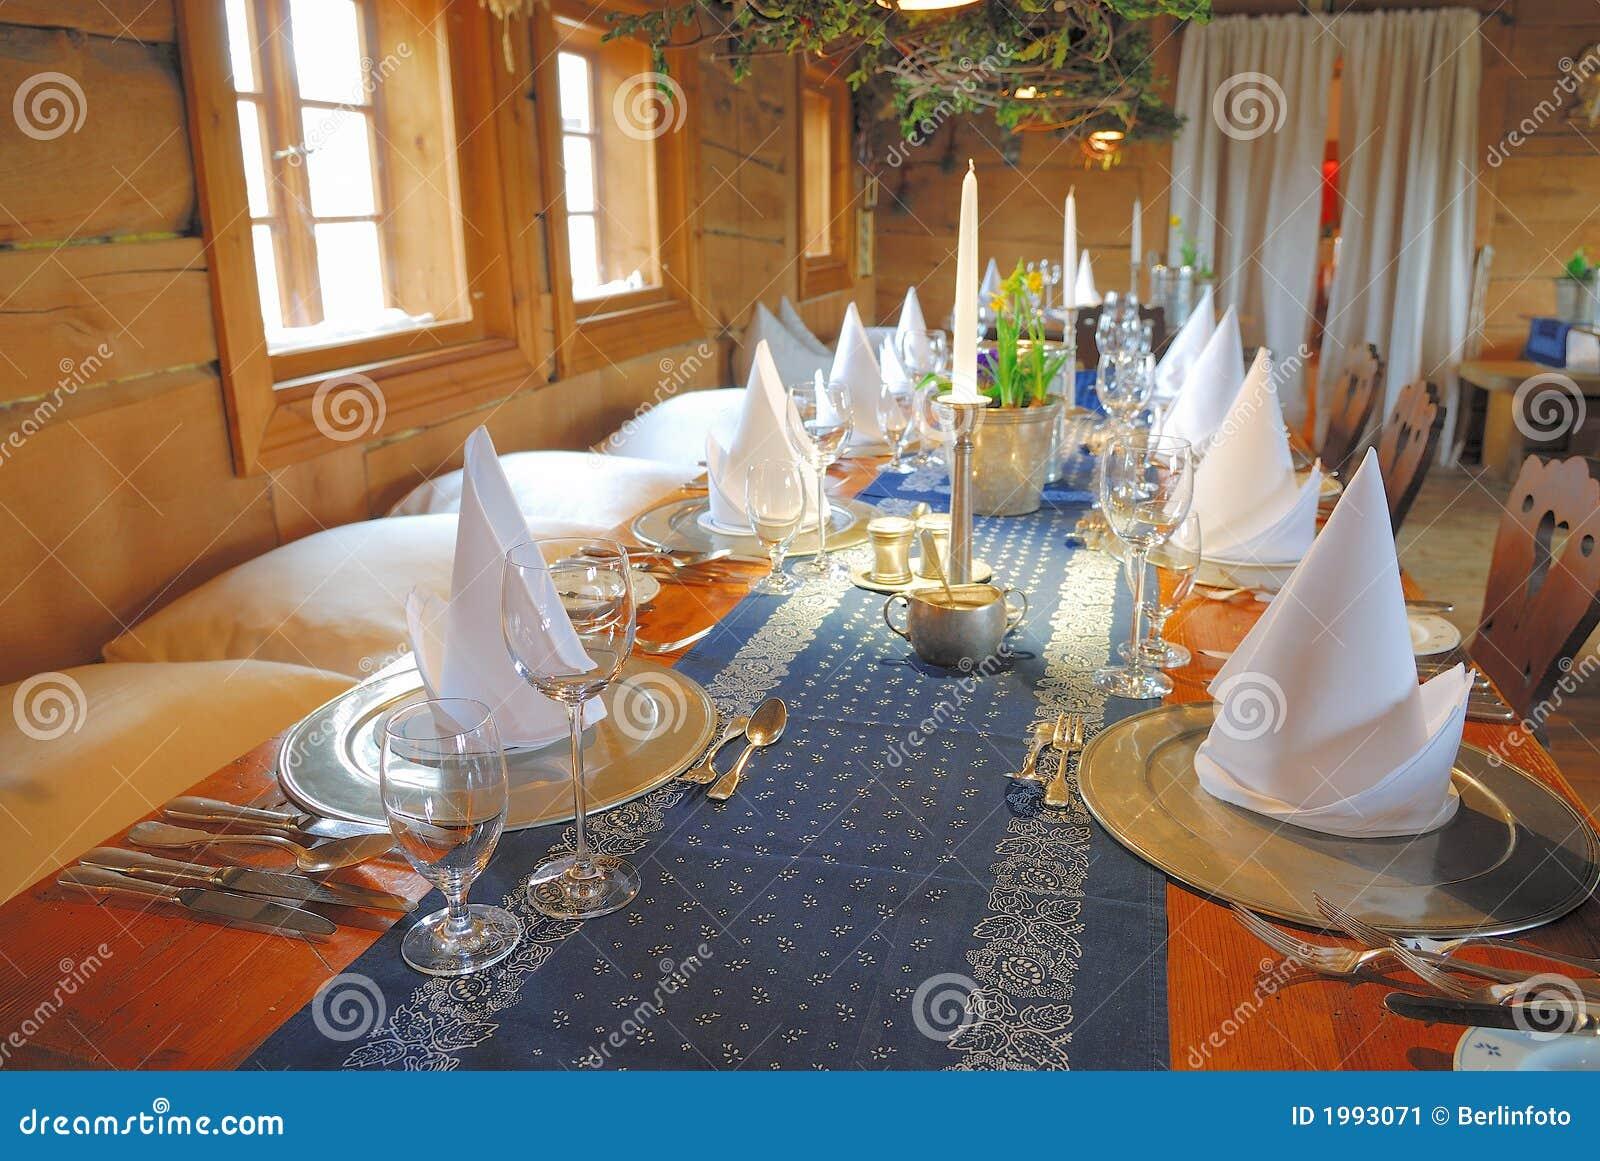 De vastgestelde decoratie van de eettafel stock afbeelding - Decoratie afbeelding ...